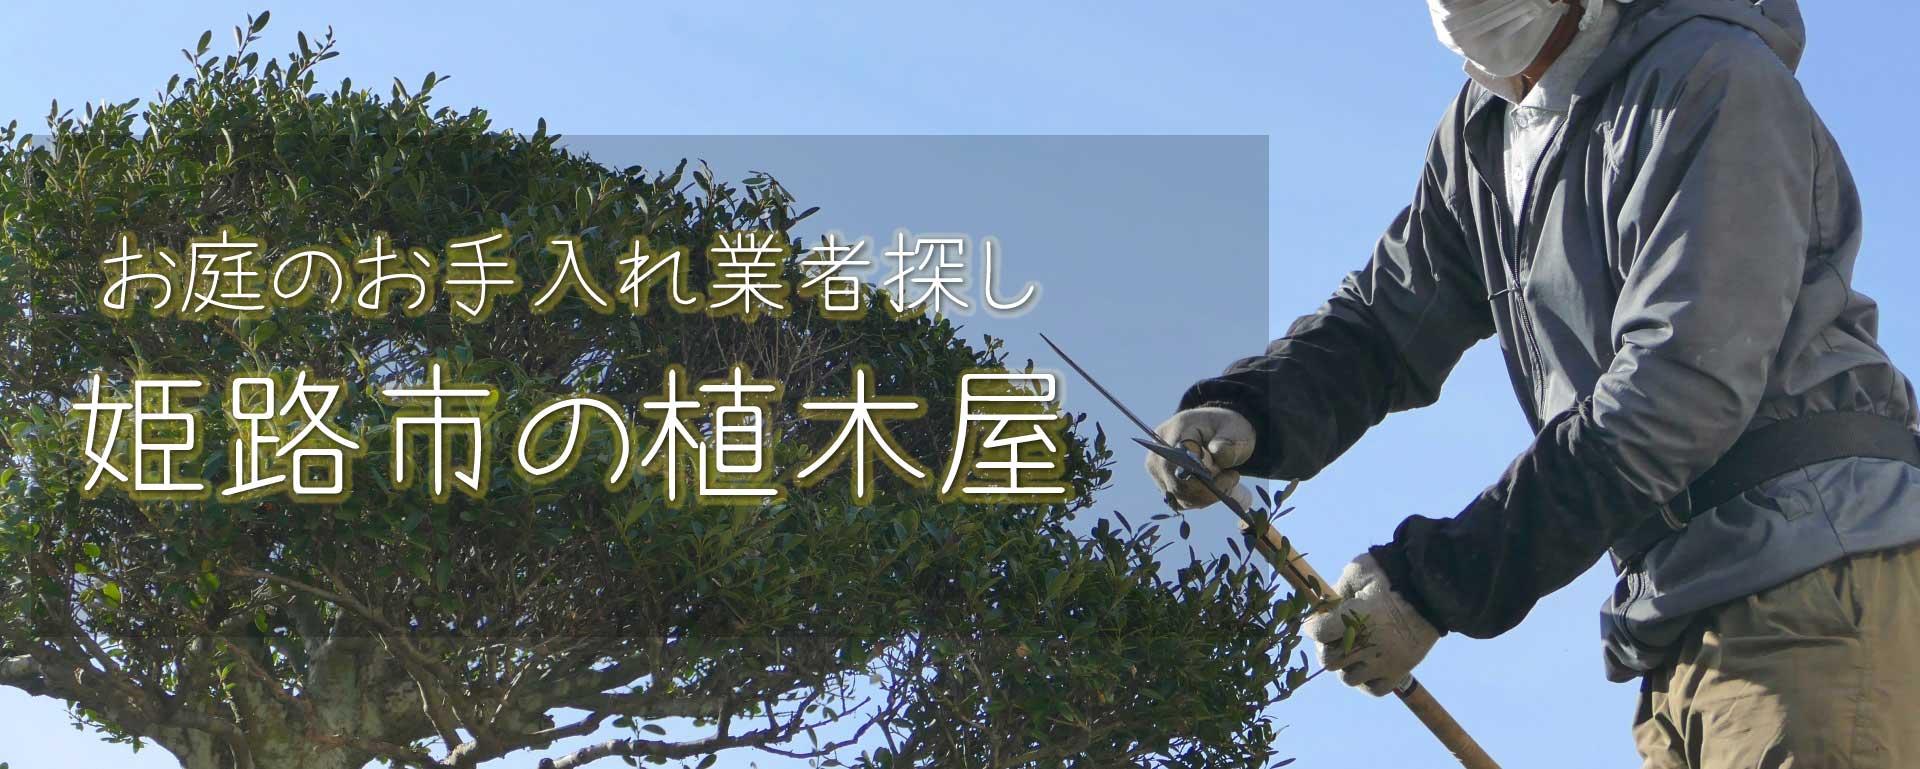 見積り無料の姫路市の植木屋・業者によって料金はバラバラ